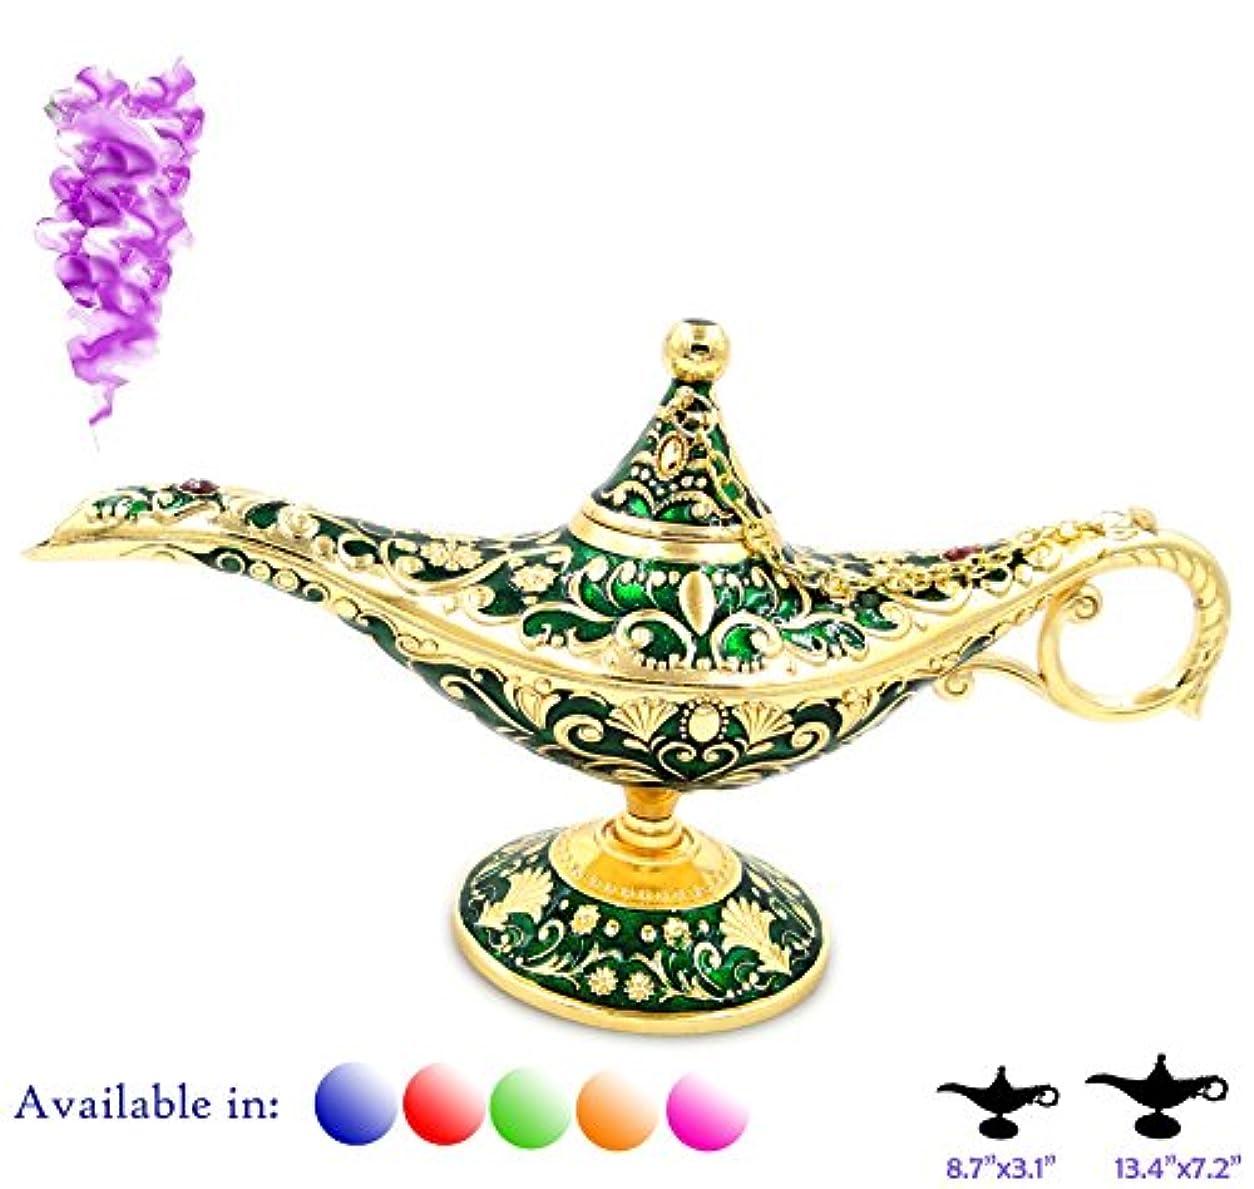 無力溶けたやろう凡例Aladdin Magic Genieライトランプポットクラシックカラー真鍮Aladdin Genie Lamps Incense Burners Normal 8.7x3.1